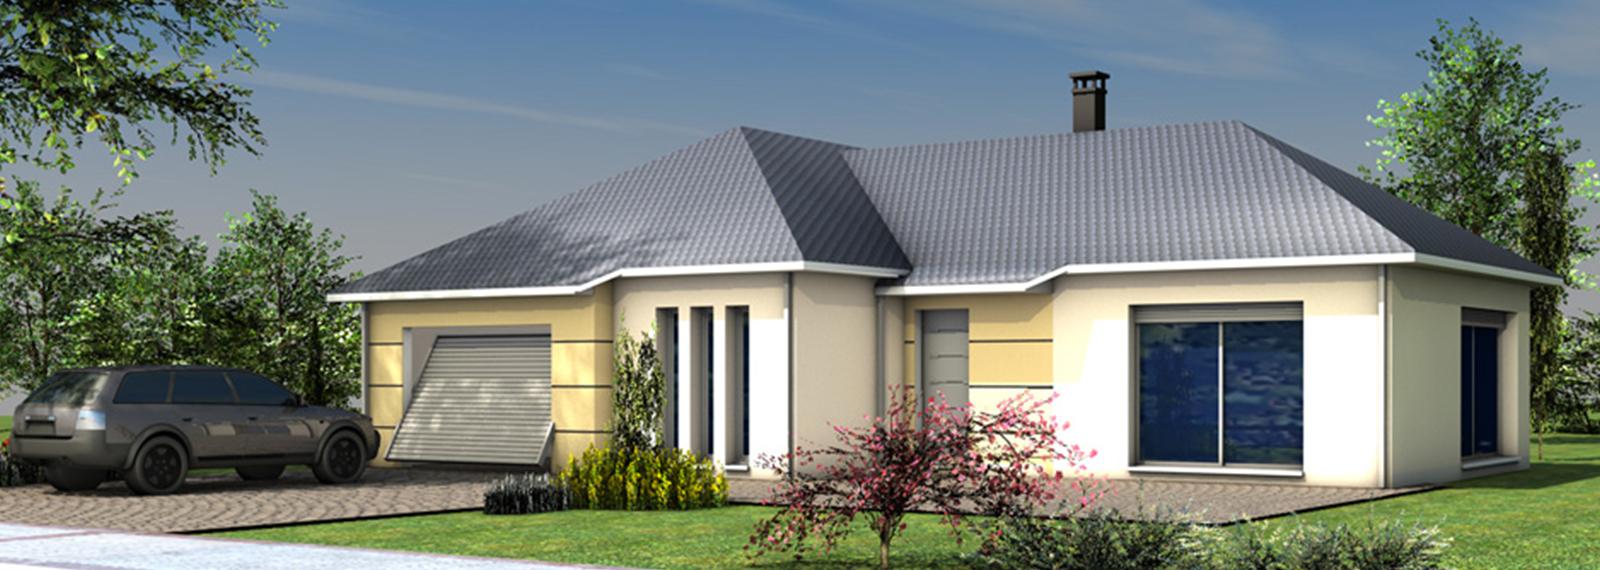 Maison Segond de style traditionnel en toit noir – Groupe